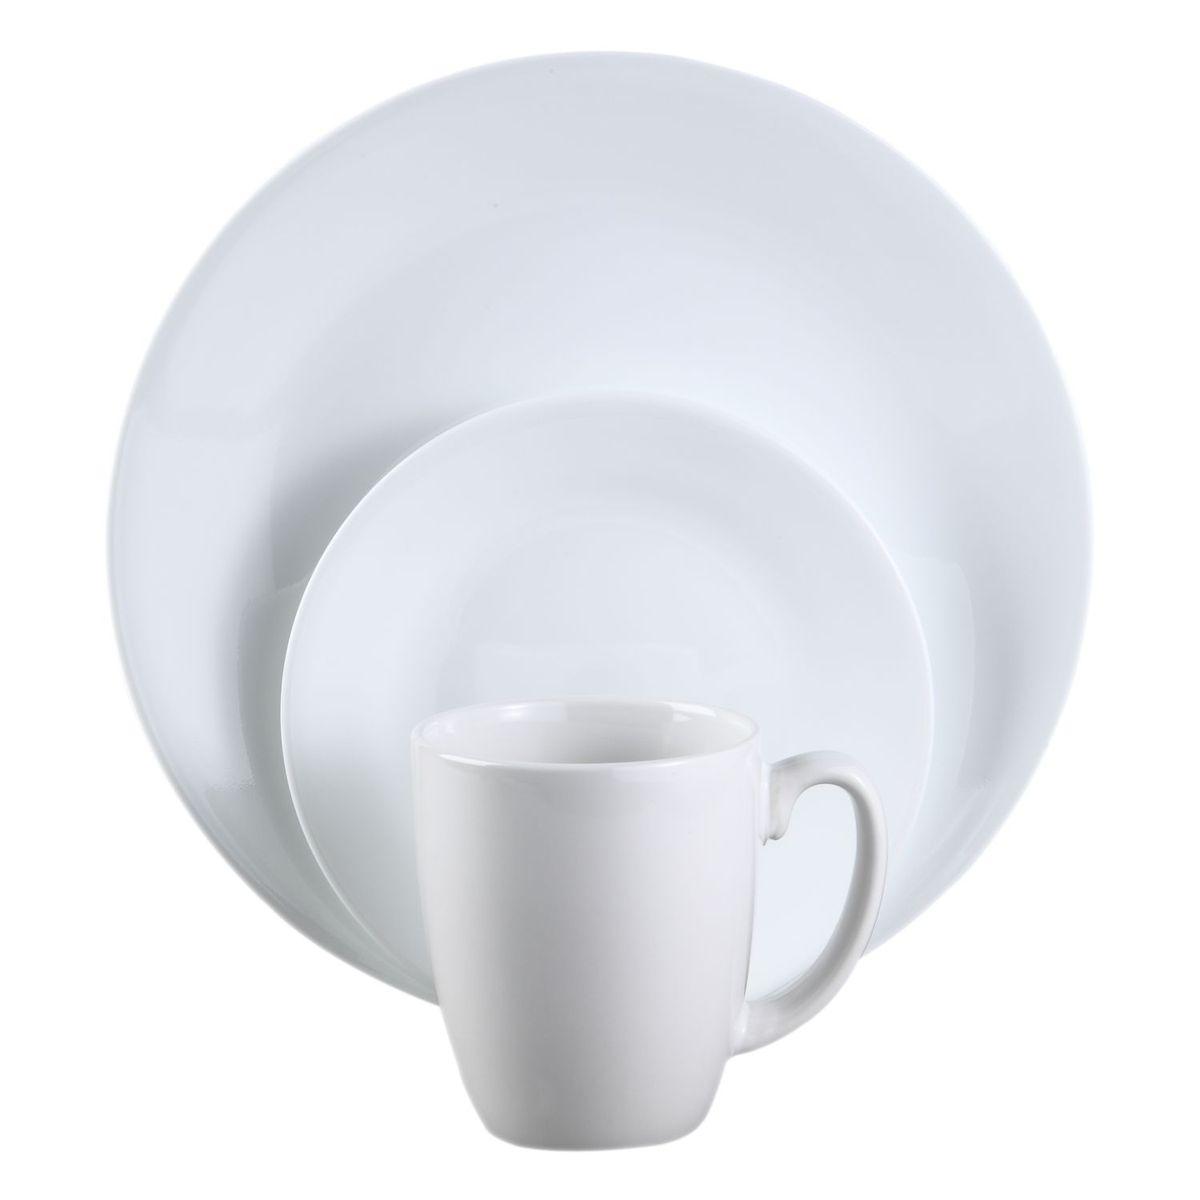 Набор столовой посуды Corelle Winter Frost White, 16 предметов6022003Набор Corelle Winter Frost White состоит из 4 суповых тарелок, 4 обеденныхтарелок, 4 десертных тарелок и 4 кружек. Изделия выполнены извысококачественного стекла и фарфора. Посуда не впитывает запахи и очень долгое время выглядит как новая. Она отличается прочностью,гигиеничностью и устойчива к появлению царапин. Еще одним из главных преимуществ посуды является ее безопасность. В производстве используются только безопасные для пищи пигменты эмали, при производстве посуды не применяется вредный для здоровья человека меламин. Такой набор прекрасно подойдет как для повседневного использования, так идля праздников или особенных случаев. Набор столовой посуды Corelle Winter Frost White - это не только яркий иполезный подарок для родных и близких, а также великолепное дизайнерскоерешение для вашей кухни или столовой. Диаметр суповой тарелки (по верхнему краю): 15,8 см. Высота суповой тарелки: 5 см.Объем суповой тарелки: 532 мл.Диаметр обеденной тарелки (по верхнему краю): 26 см. Высота обеденной тарелки: 2 см. Диаметр десертной тарелки (по верхнему краю): 17 см. Высота десертной тарелки: 1,8 см. Объем кружки: 325 мл.Диаметр чашки (по верхнему краю): 8,5 см.Высота чашки: 10 см.